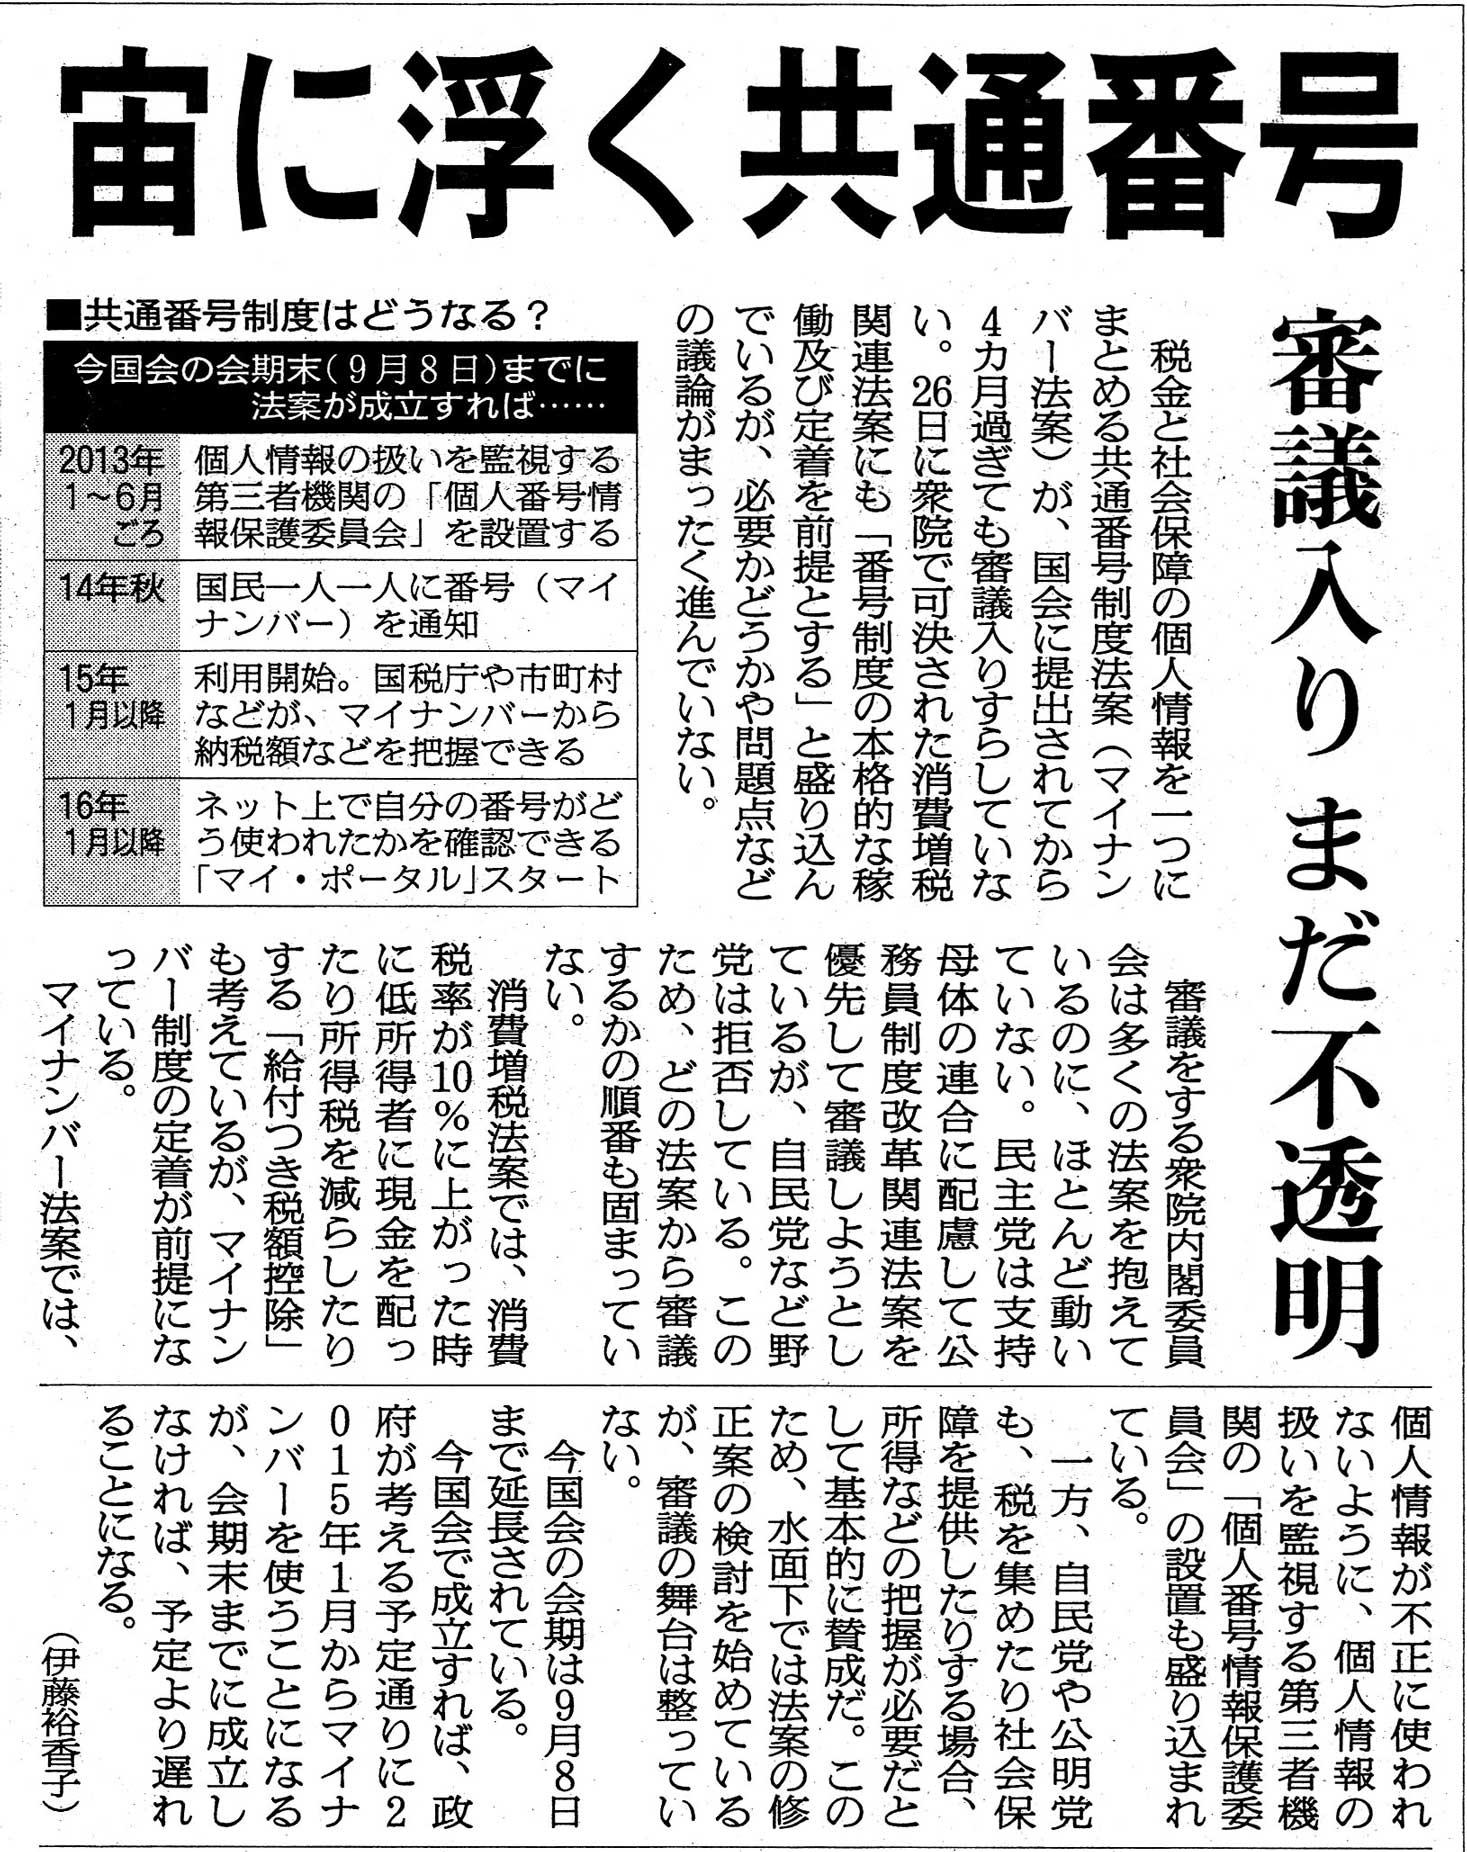 朝日新聞120628-1